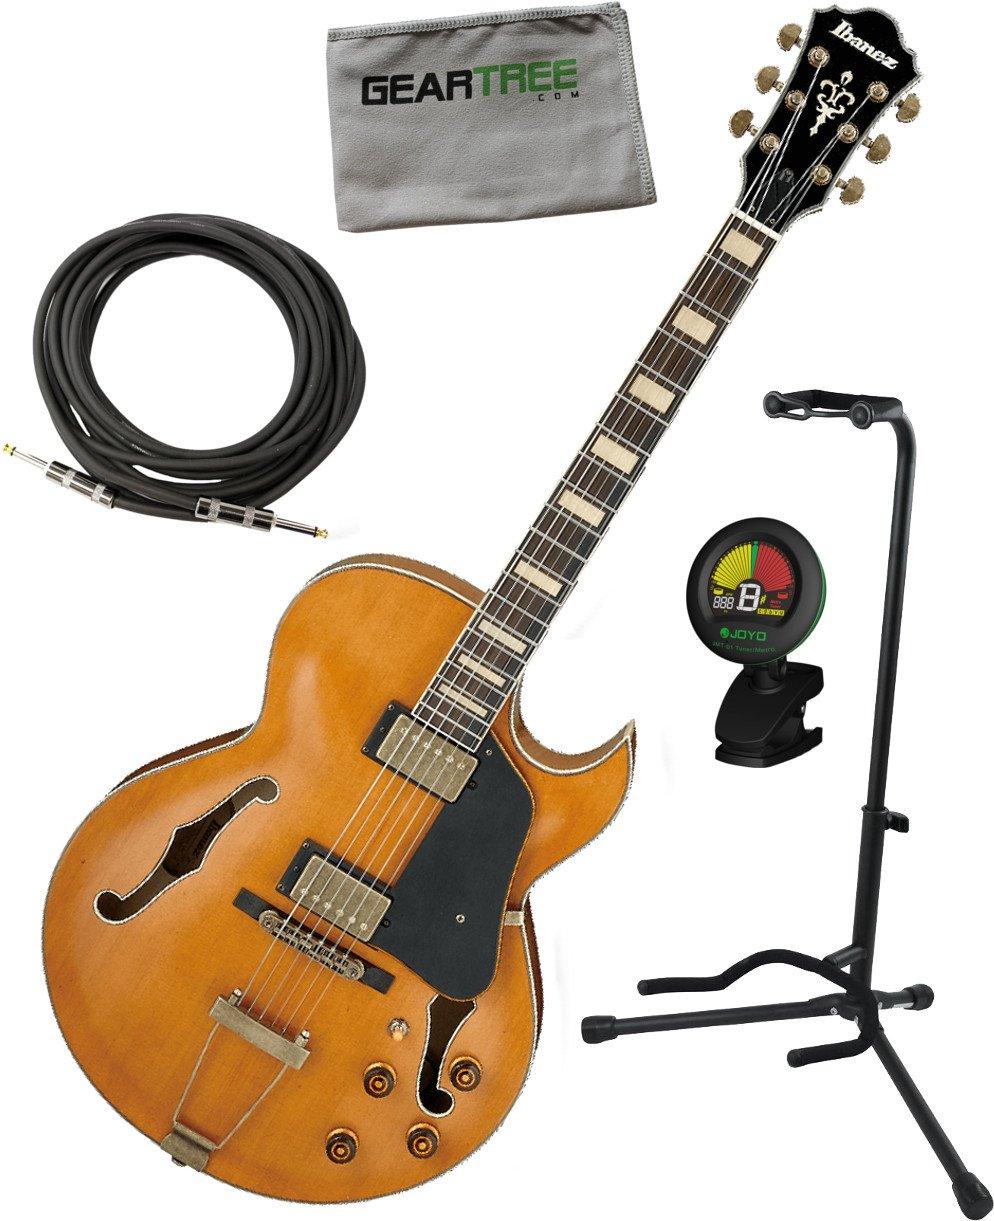 Ibanez akjv90ddal AKJ Artcore Vintage en estilo expresionista guitarra eléctrica oscuro ámbar bajo brillante w/cable, geartree gamuza, soporte, ...